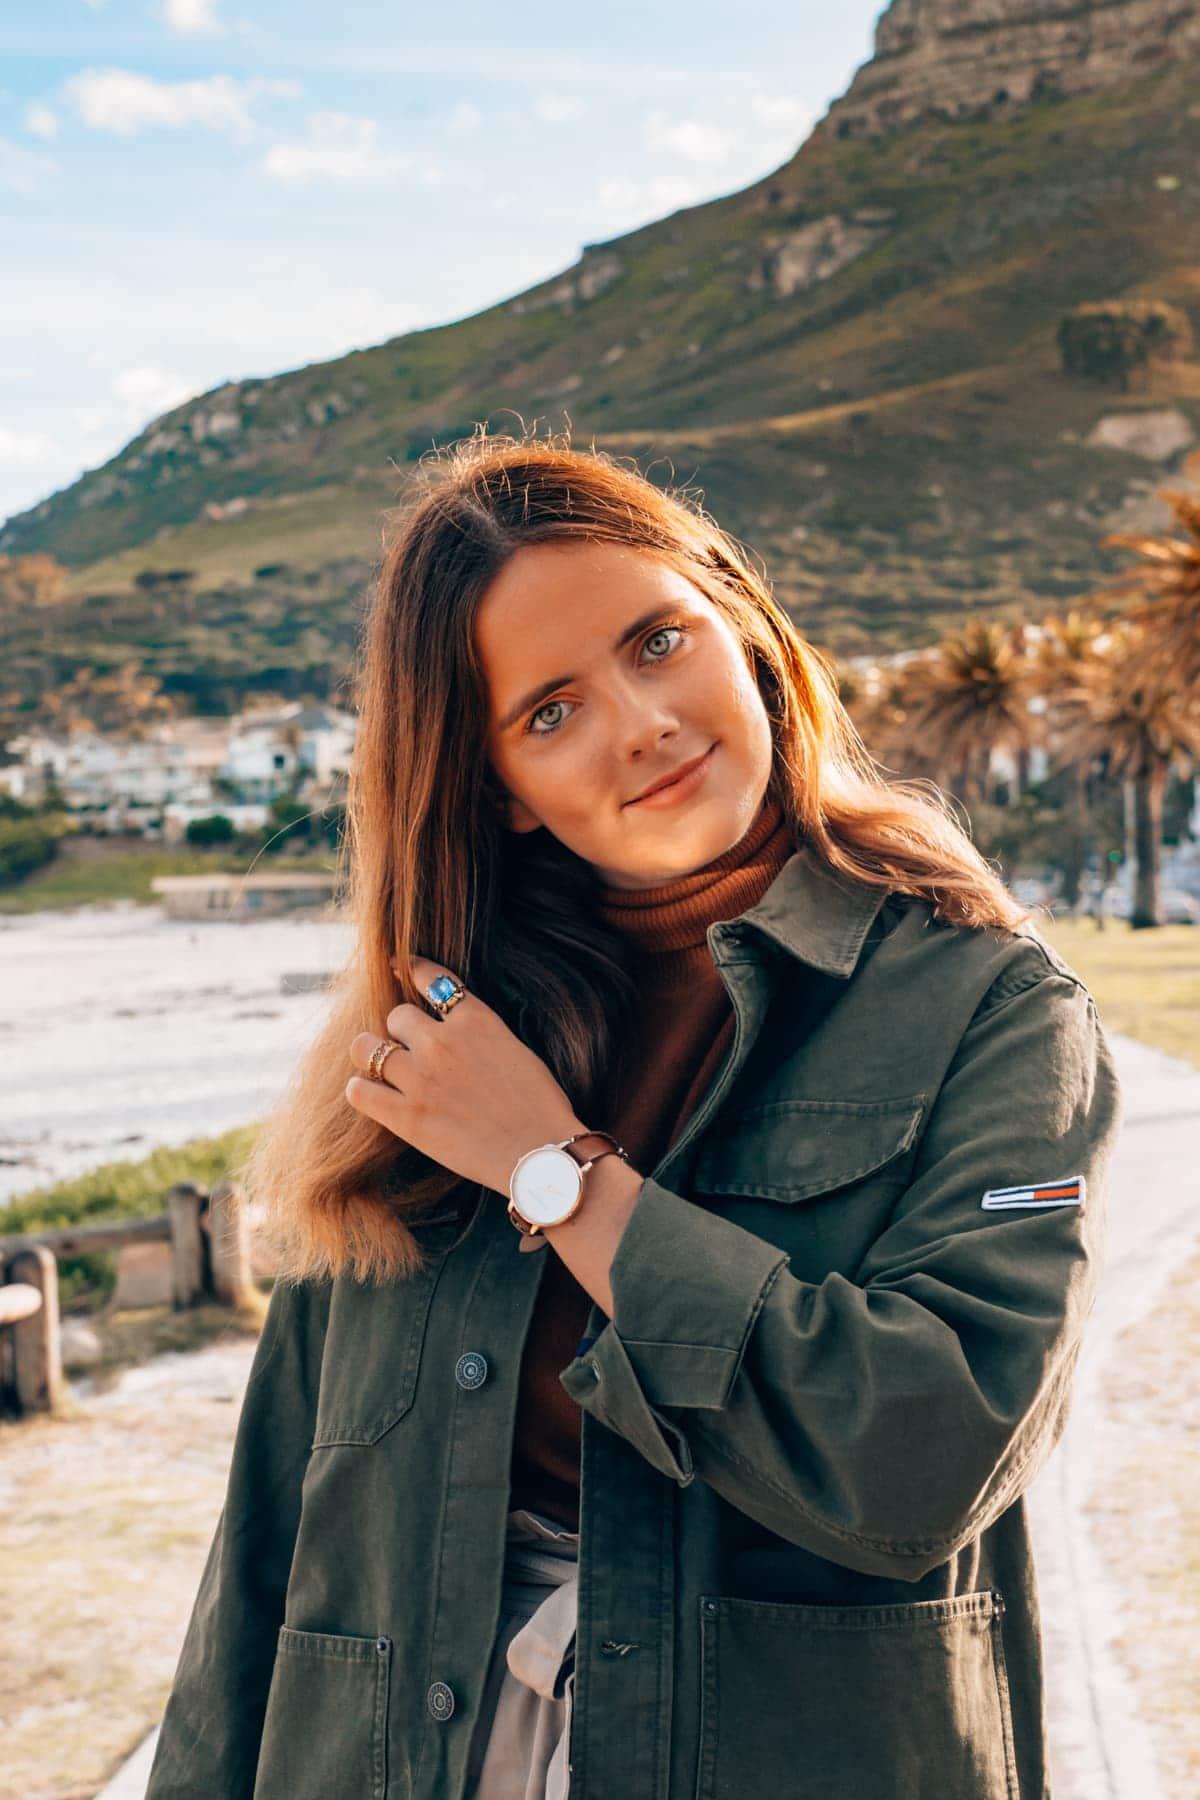 Des Belles Choses - Reiseblog von Julia Schäffner aus Köln